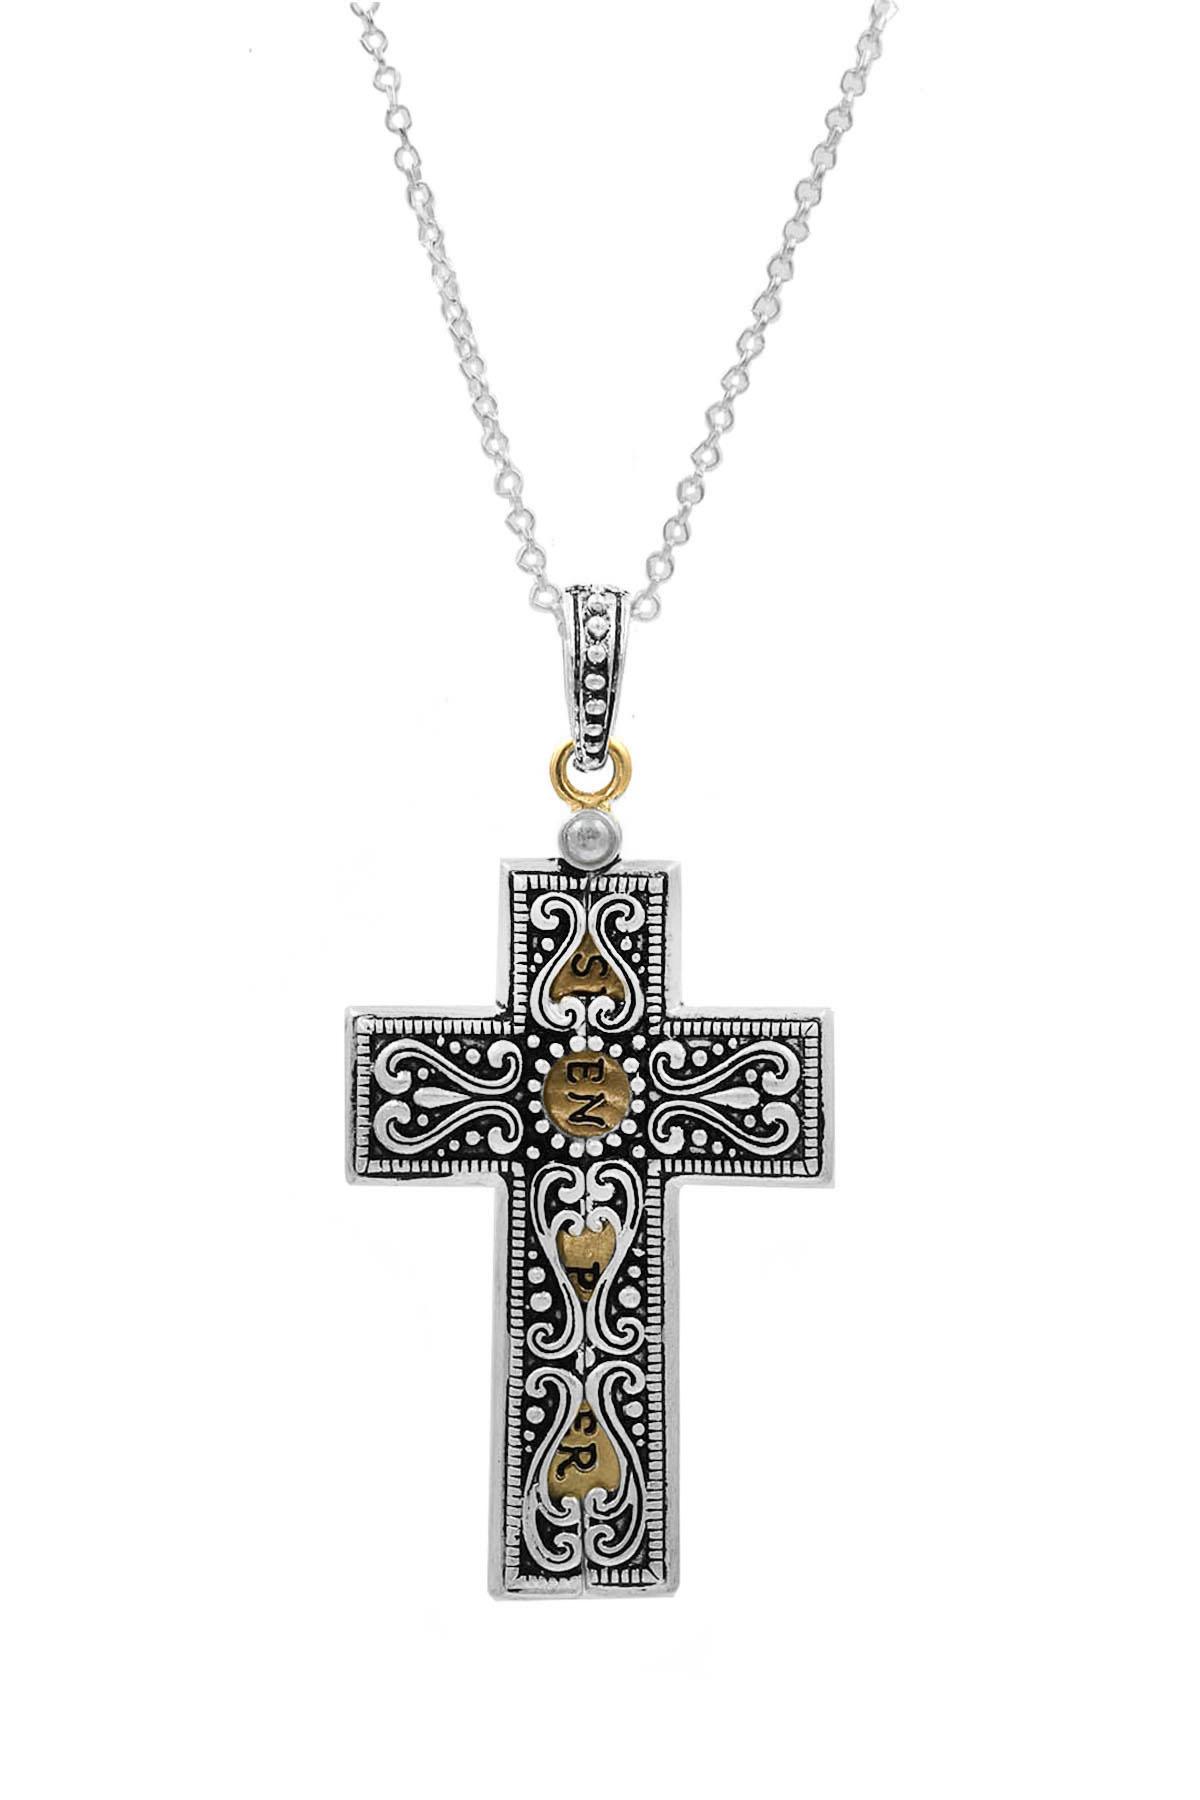 serenity prayer engraved locket necklace necklaces. Black Bedroom Furniture Sets. Home Design Ideas